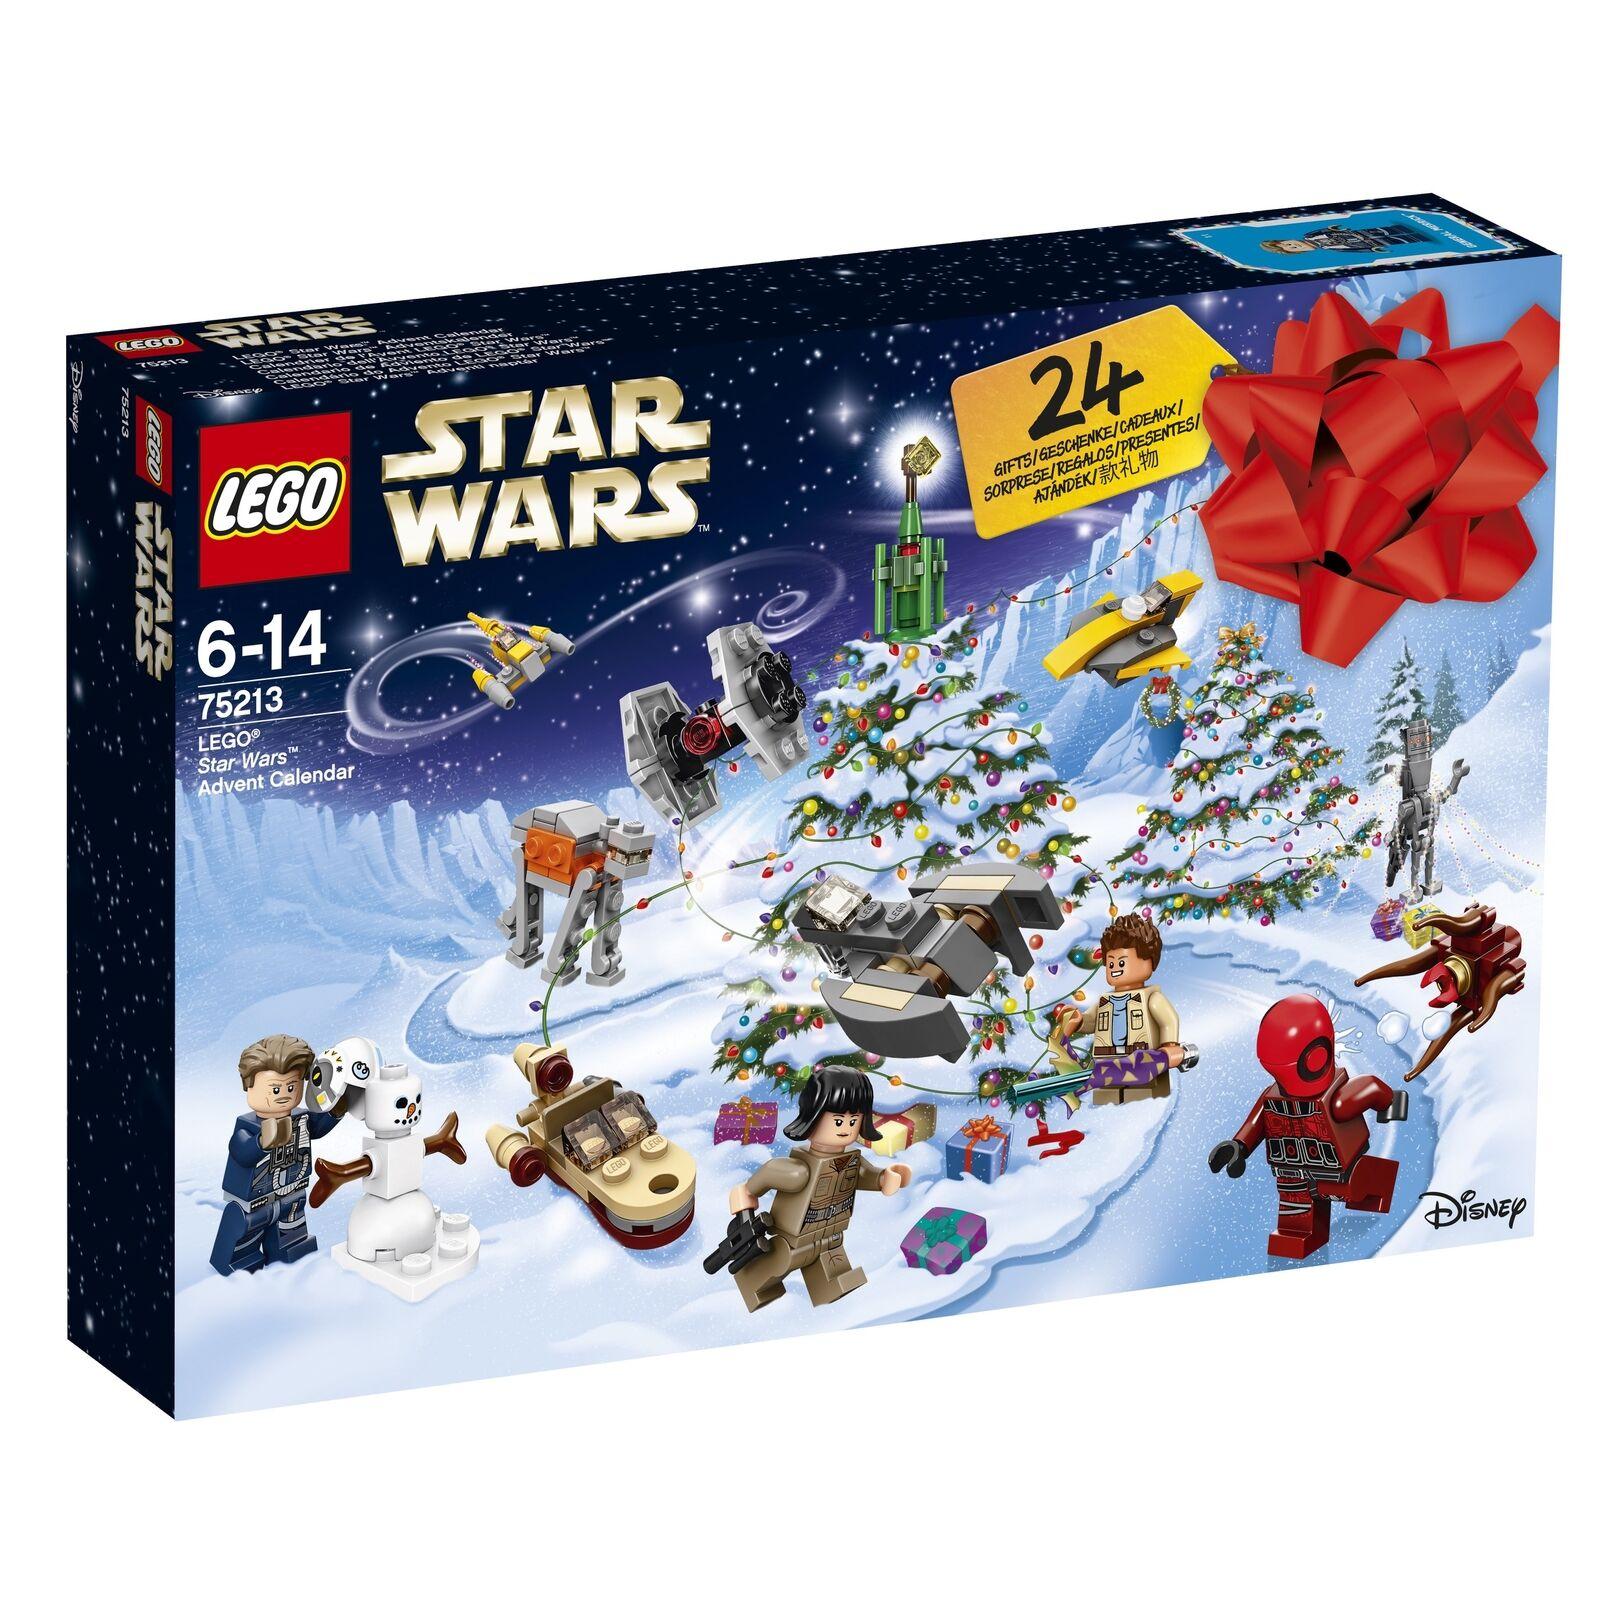 Lego Star Wars 75213 calendrier de l'avent 2018 NEUF ET Neuf dans sa boîte